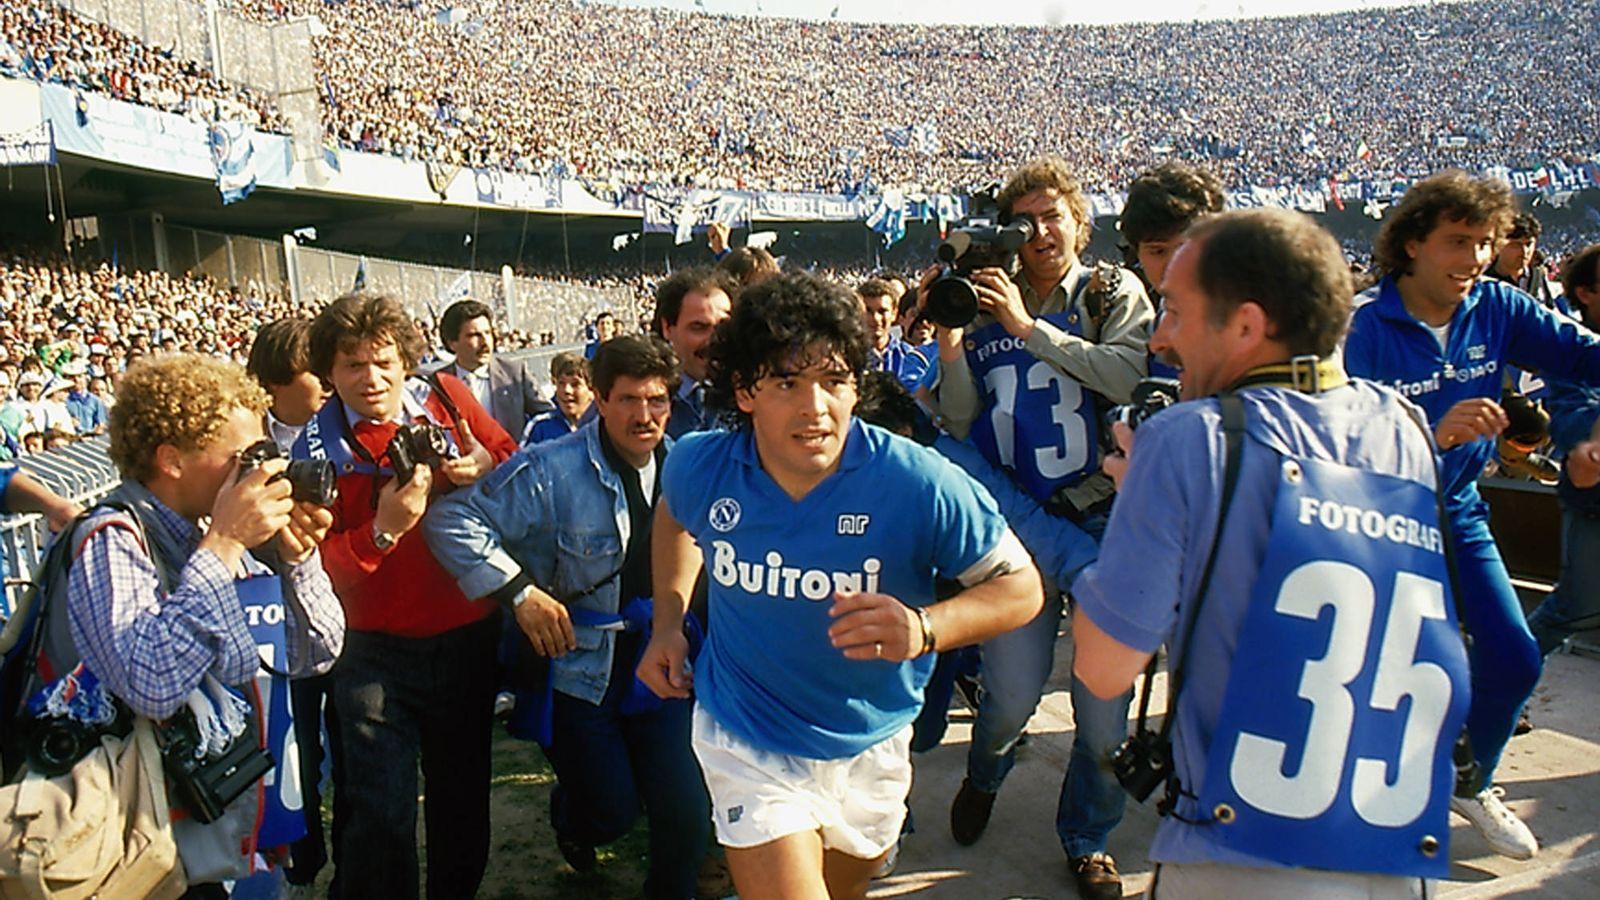 Foto: Diego Maradona sale al campo, en un fotograma del documental de Asfi Kapadia 'Diego Maradona'